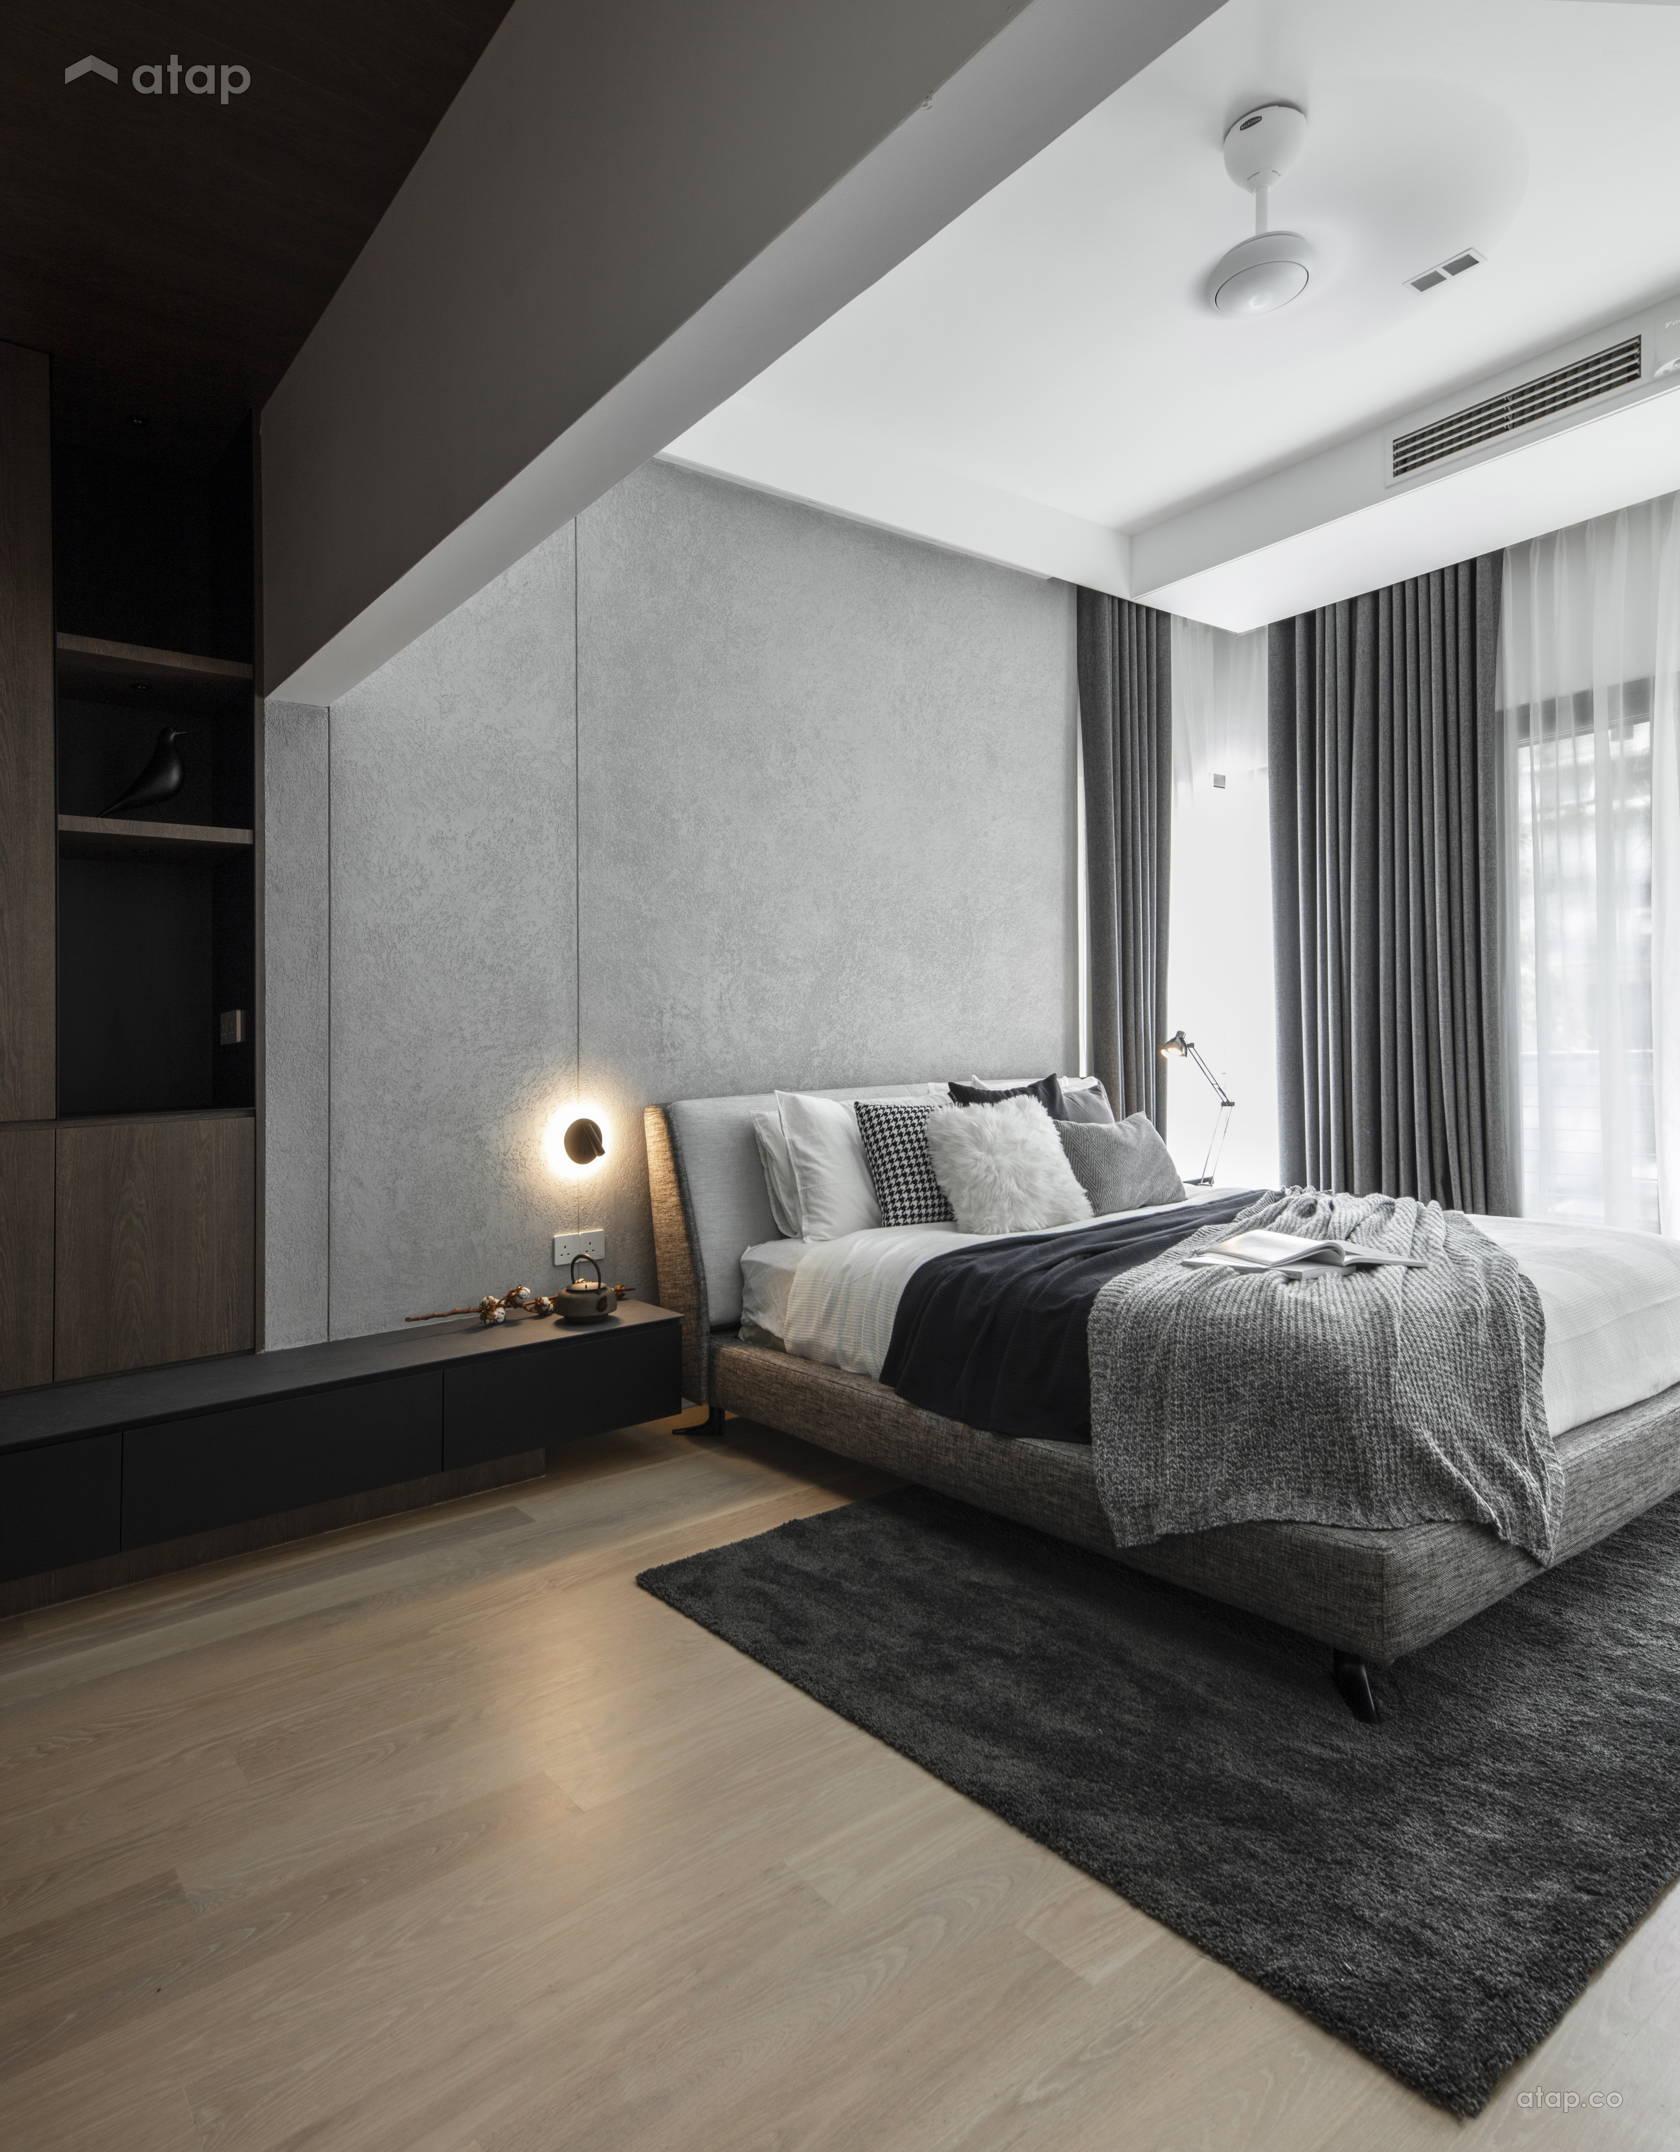 . Modern Zen Bedroom terrace design ideas   photos Malaysia   Atap co